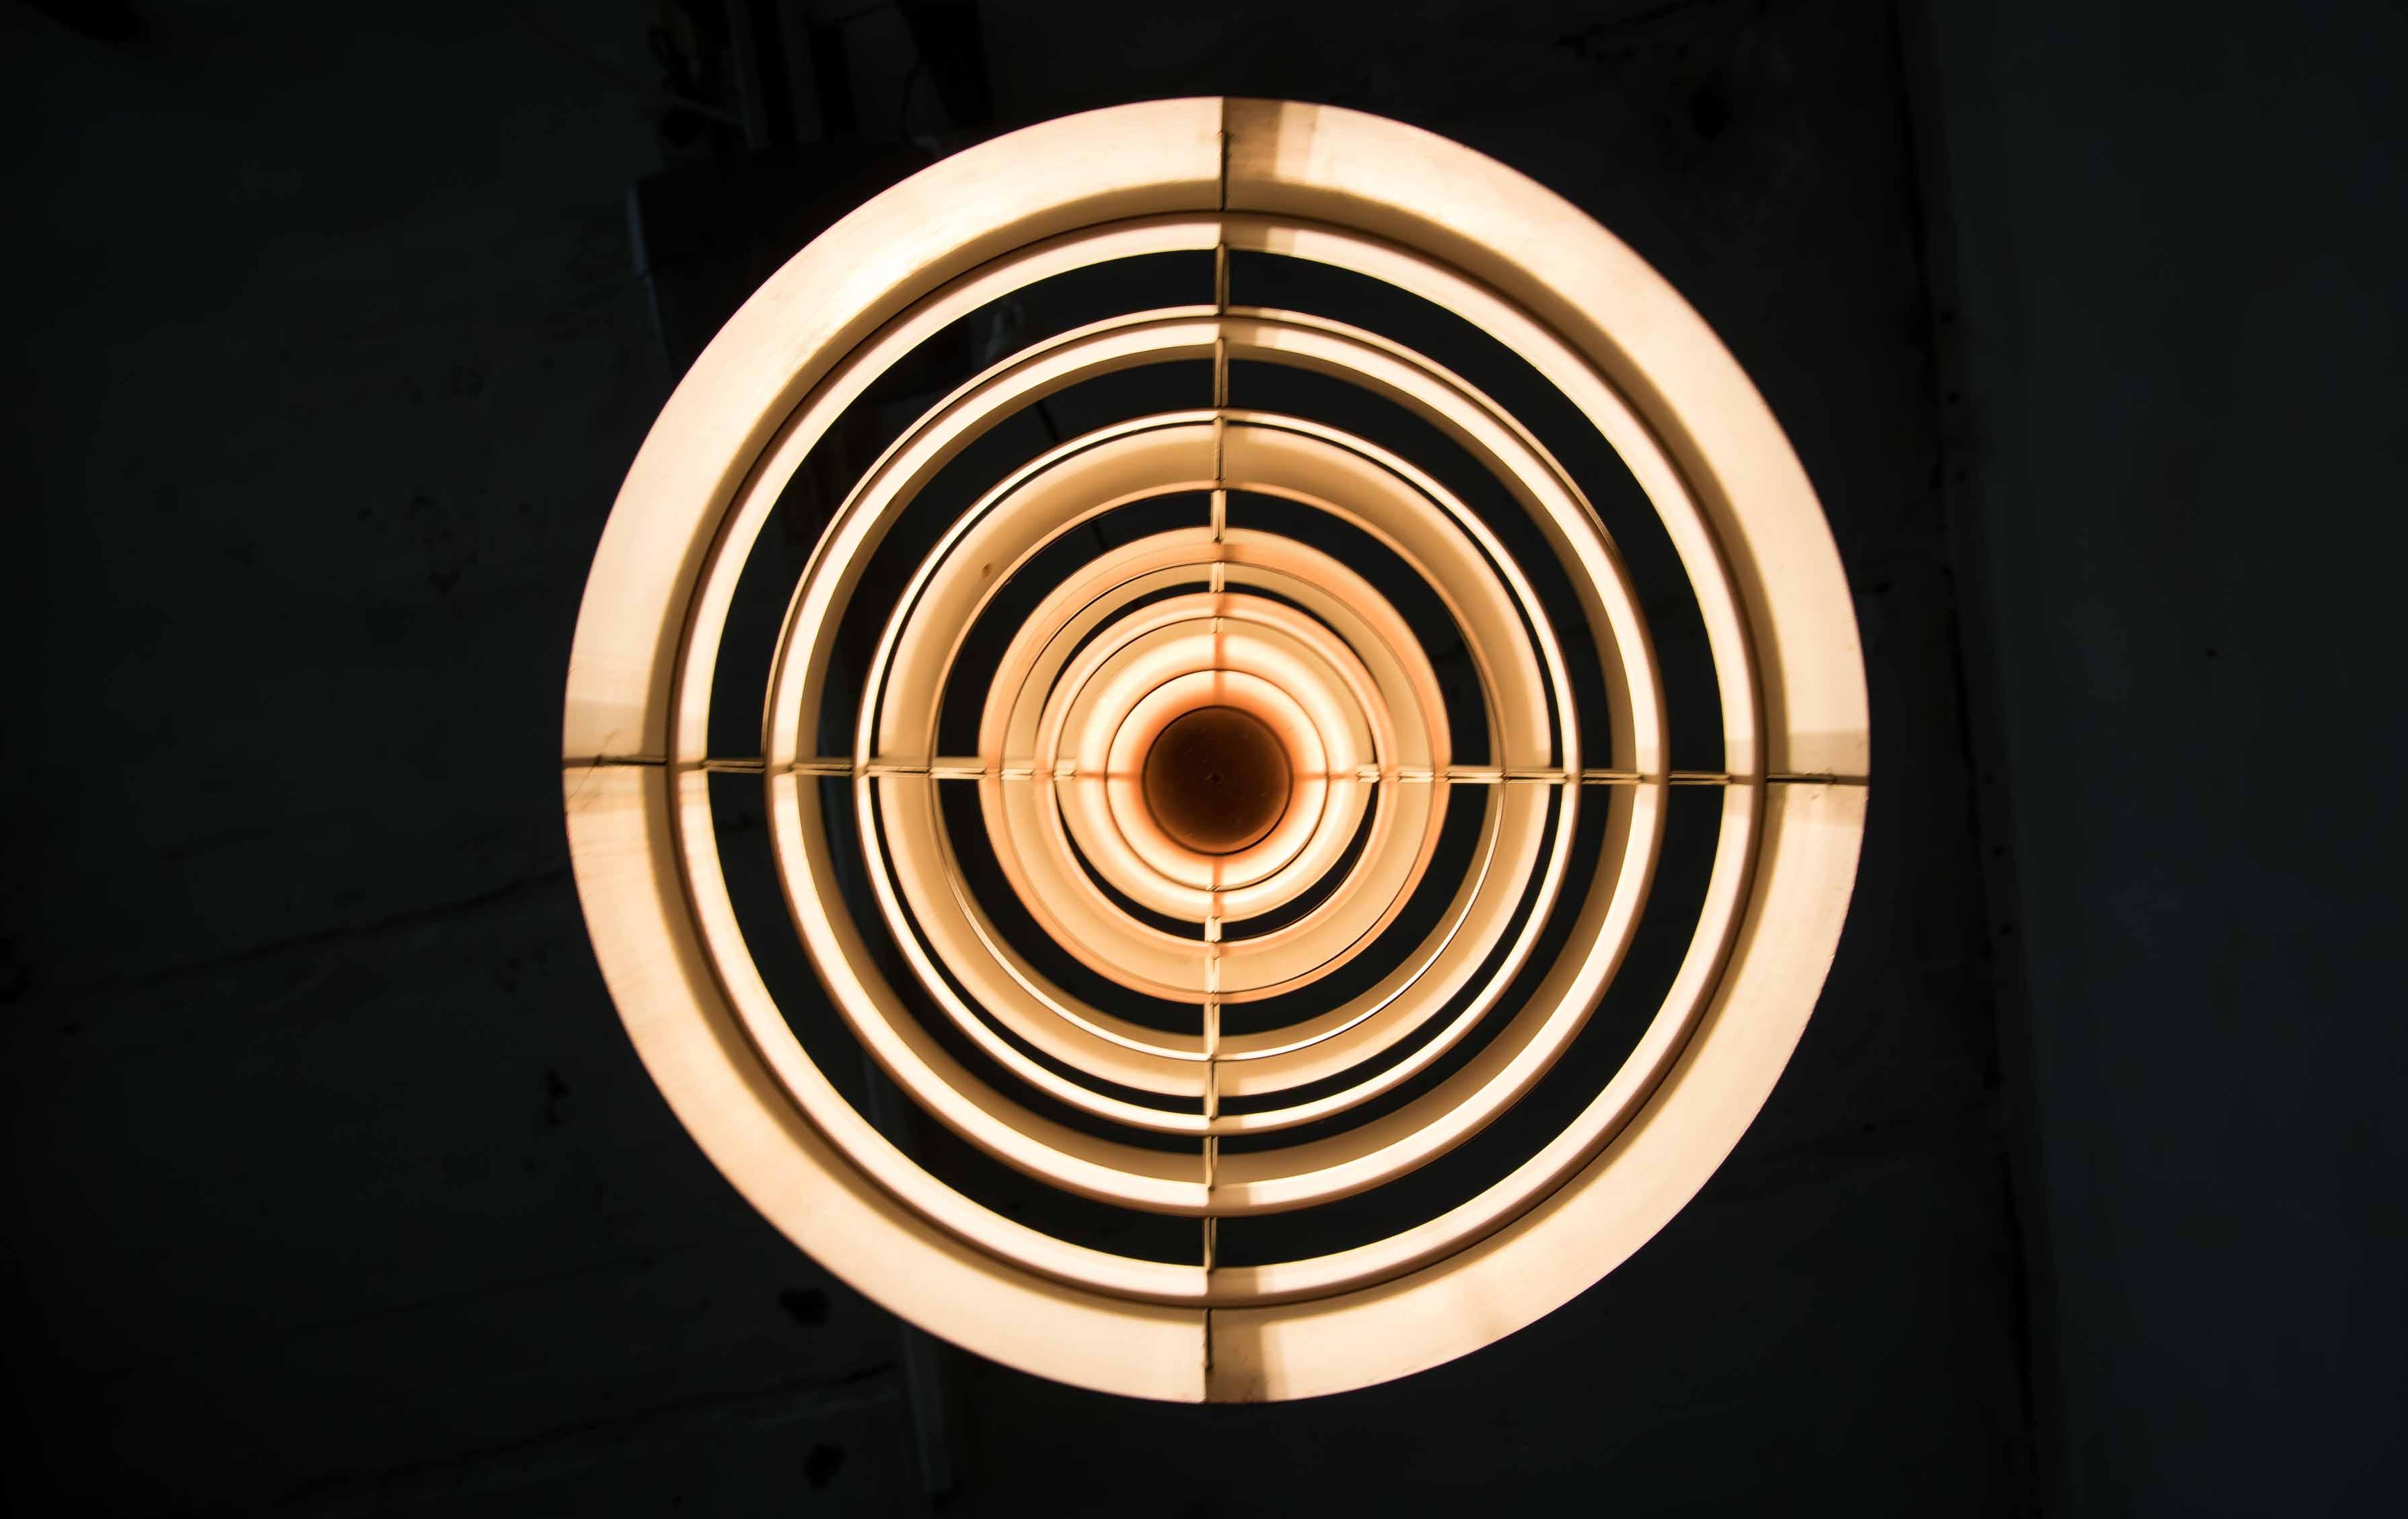 Pendant by Poul Henningsen for Louis Poulsenthumbnail